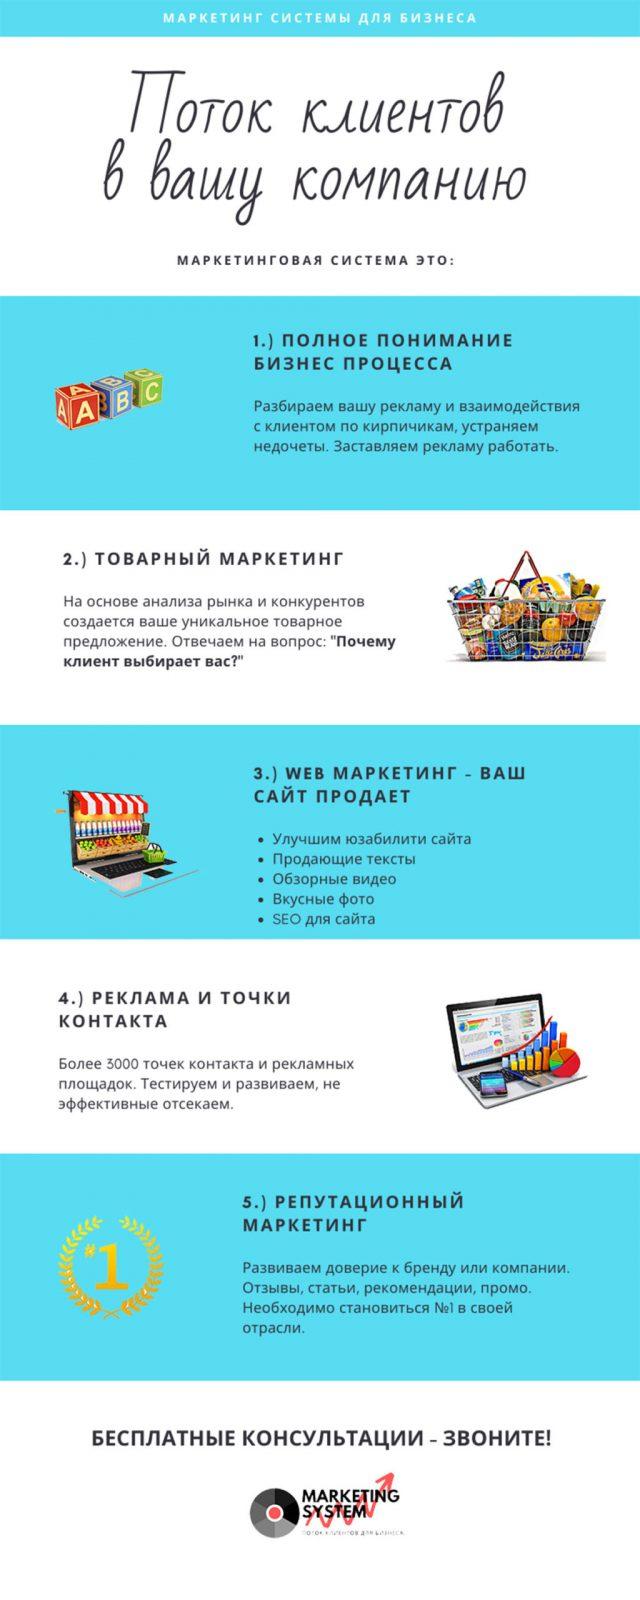 Маркетинговые системы